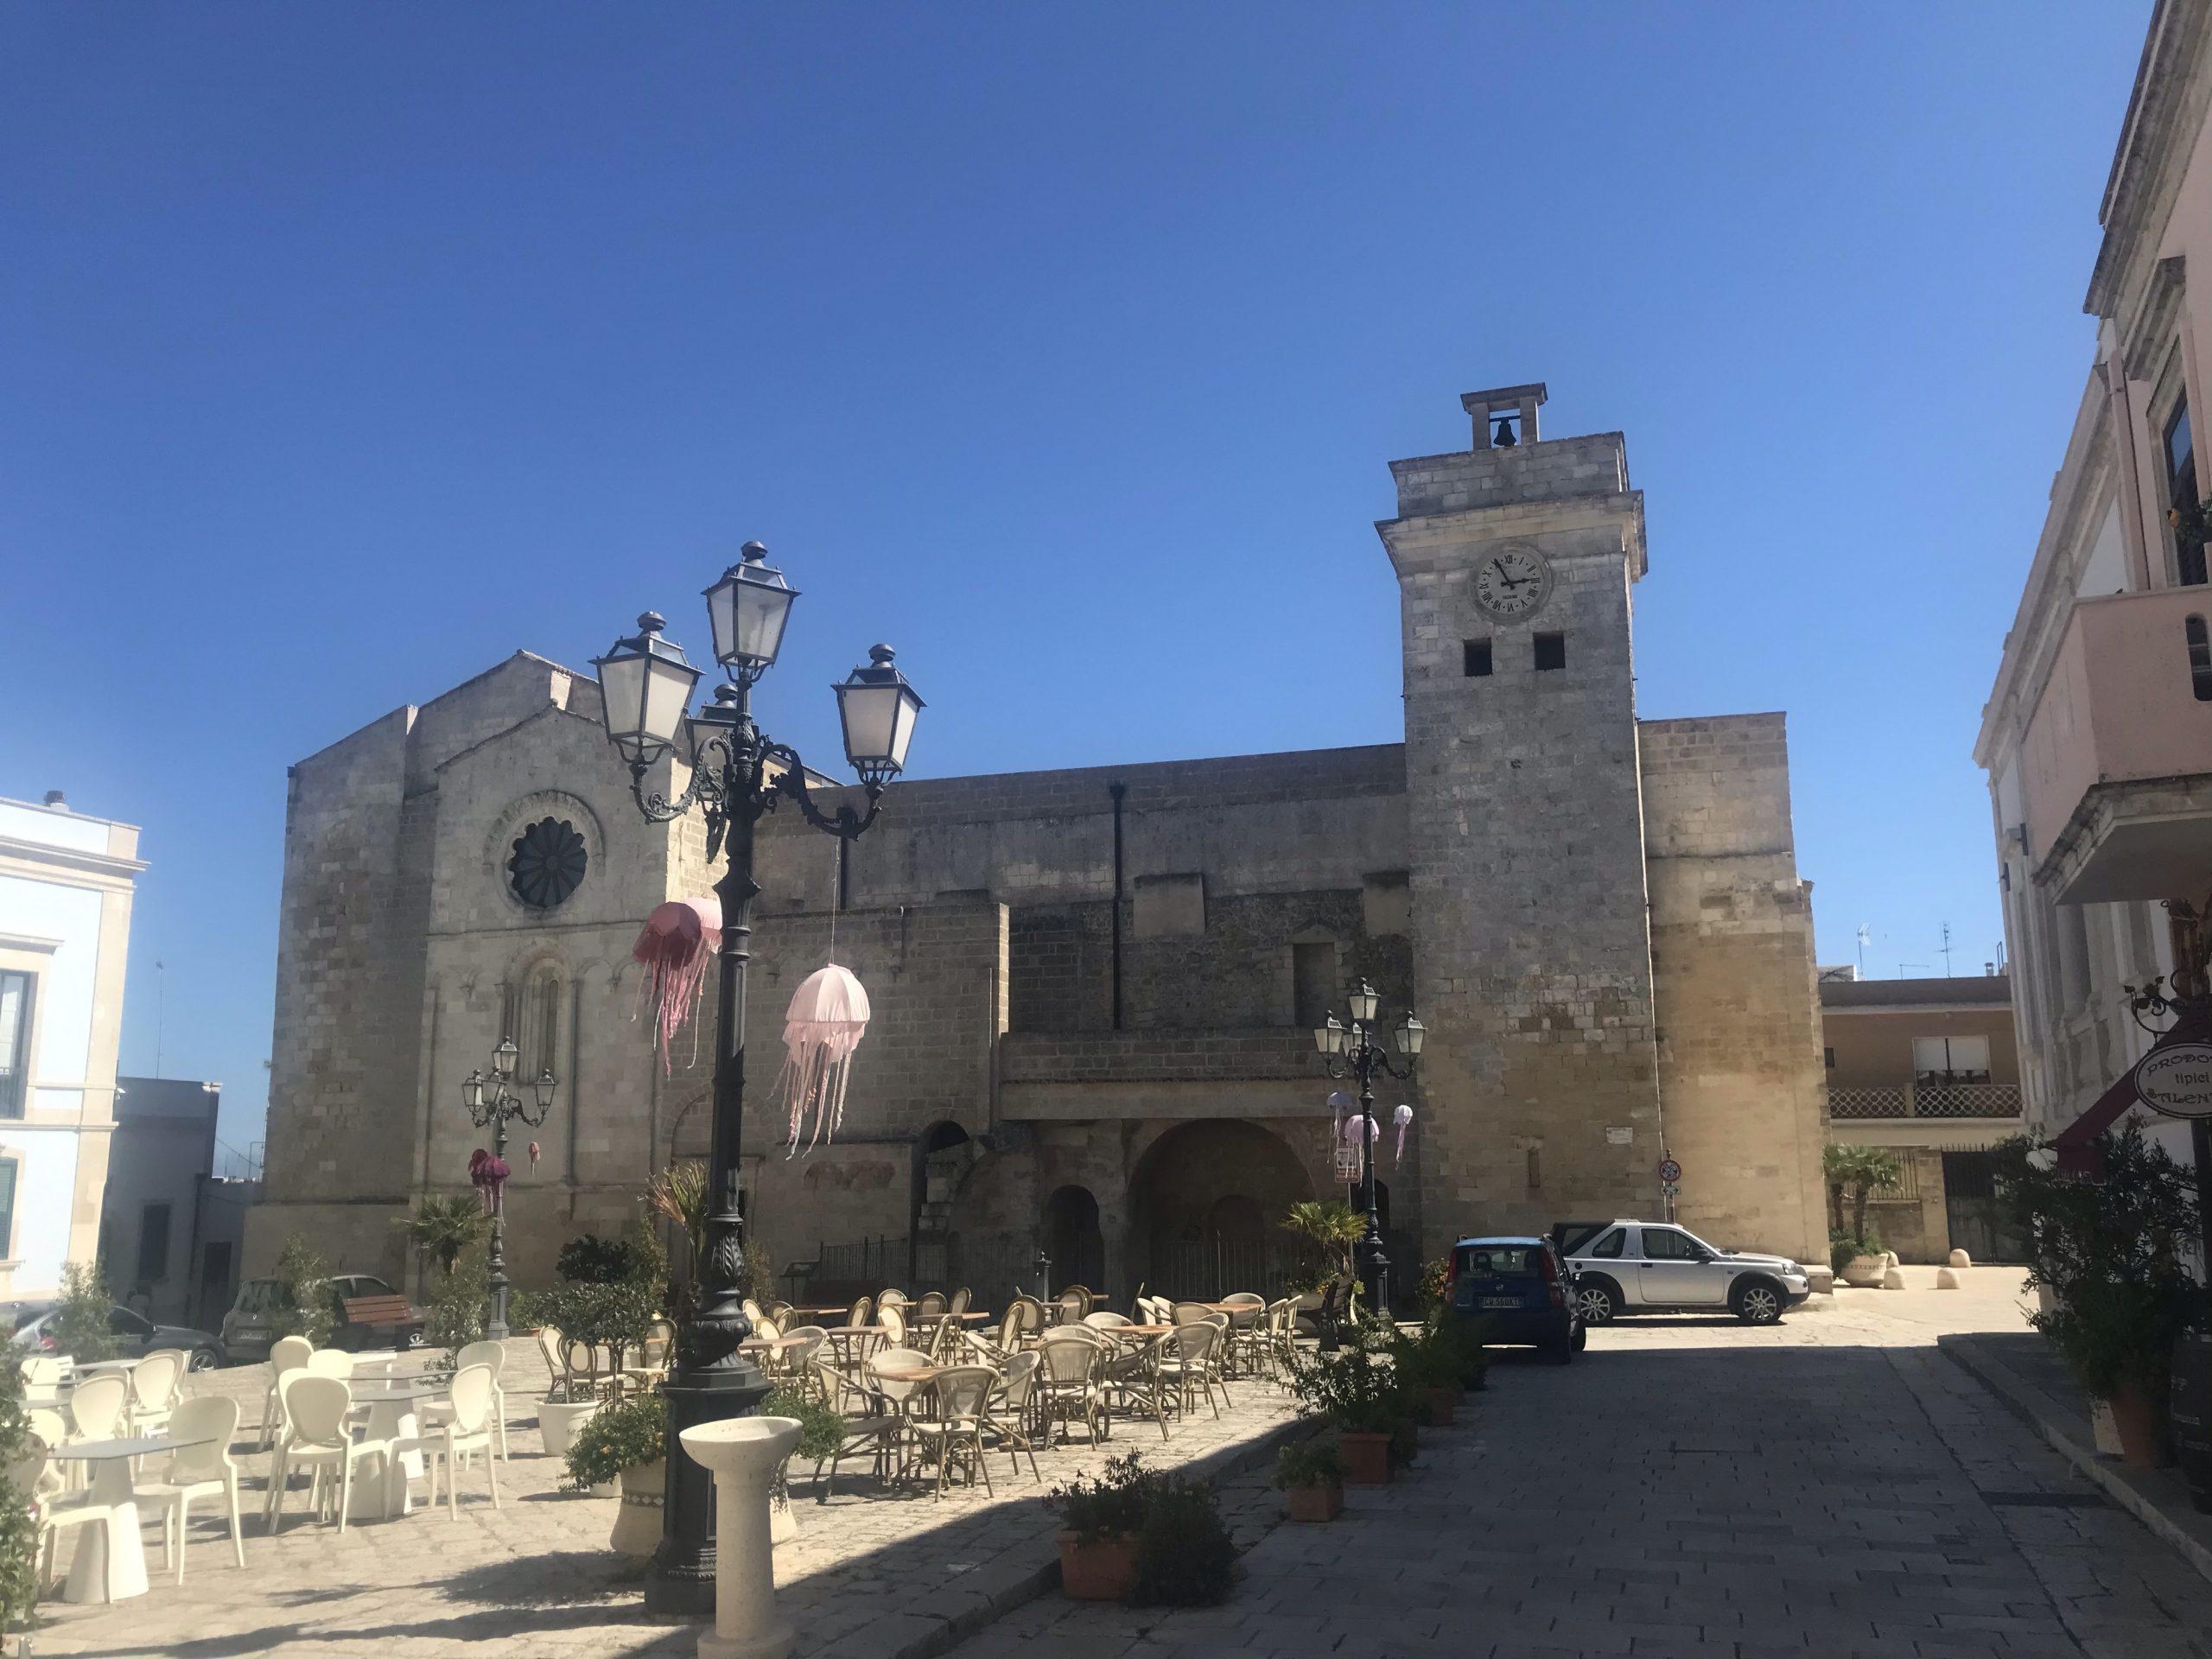 Castro roccaforte medievale del salento